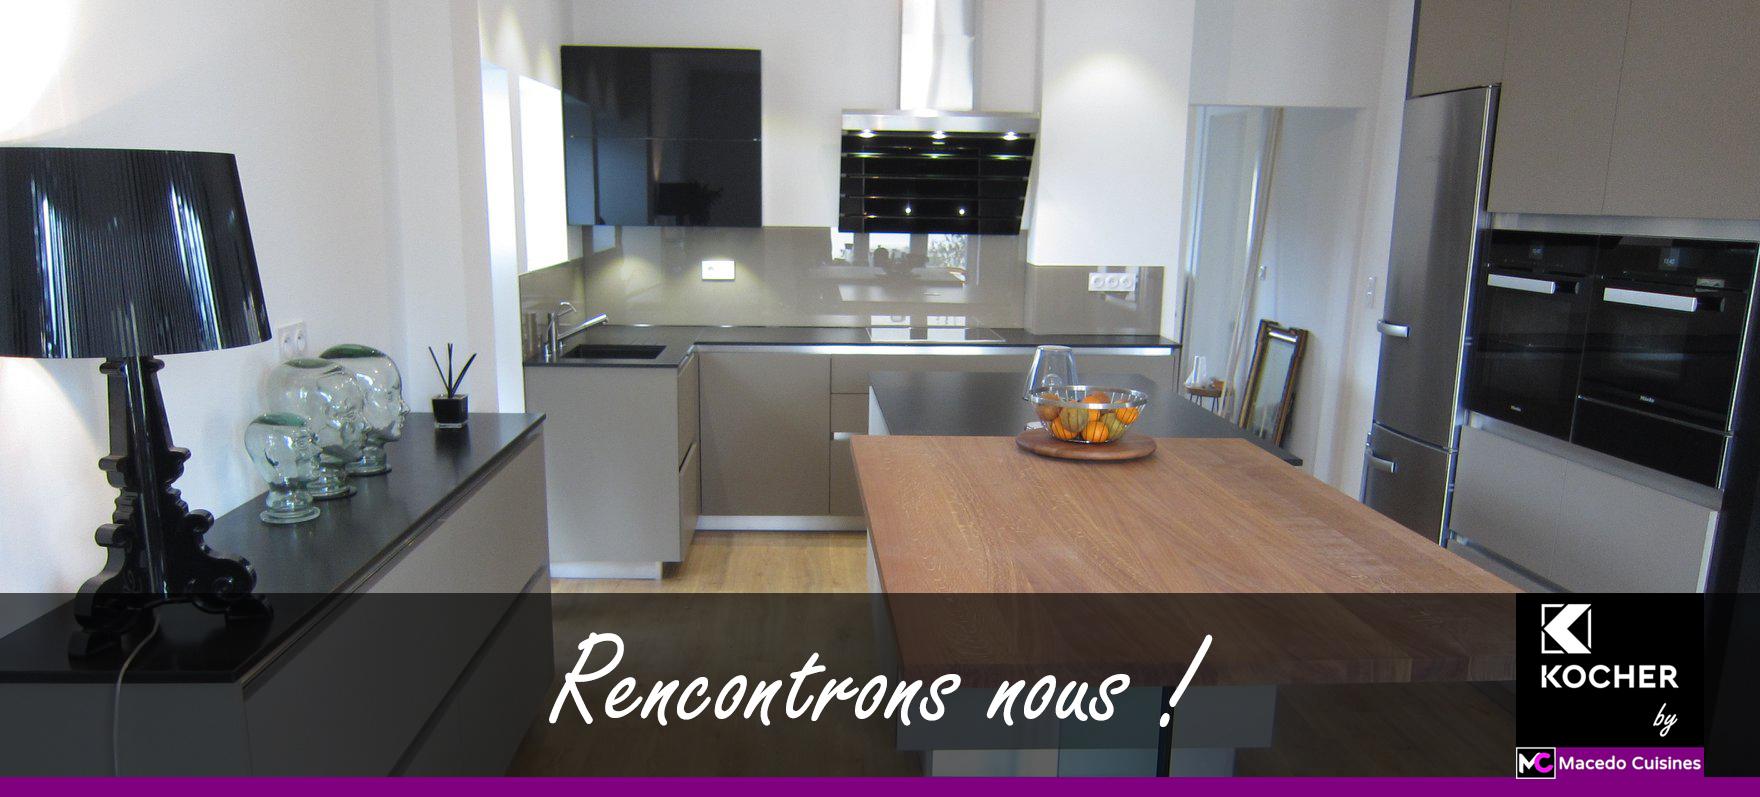 Prise de rendez-vous Cuisines Macedo Kocher - Vendeur et installateur de cuisines, dressings, salles de bain sur Metz